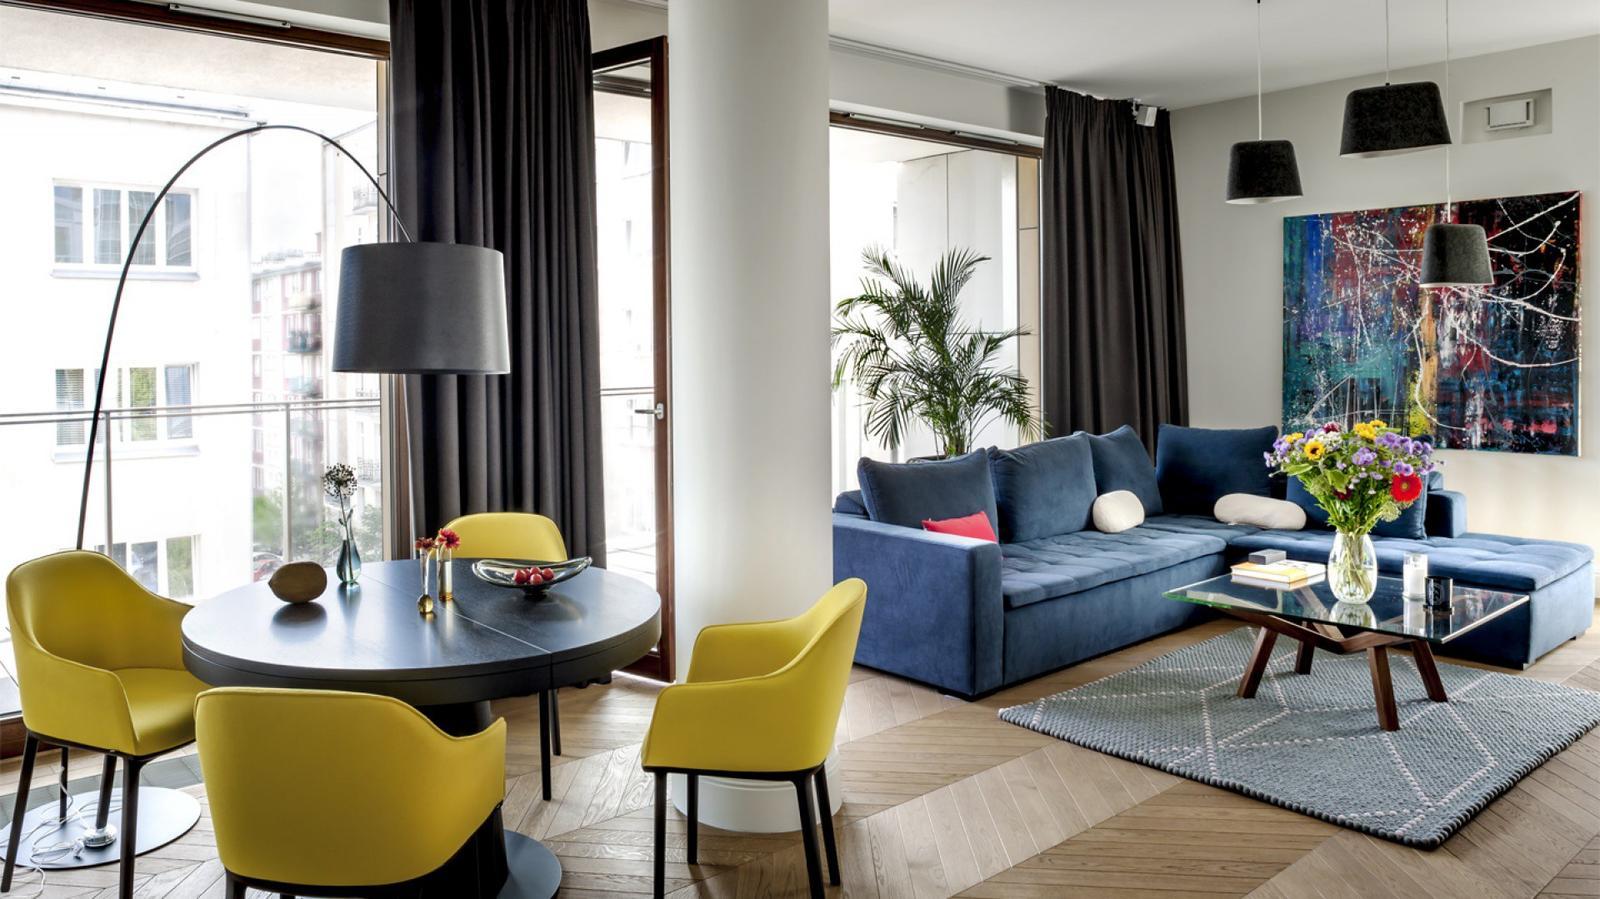 Moderné interiéry,v ktorých sa budete cítiť príjemne - Obrázok č. 58